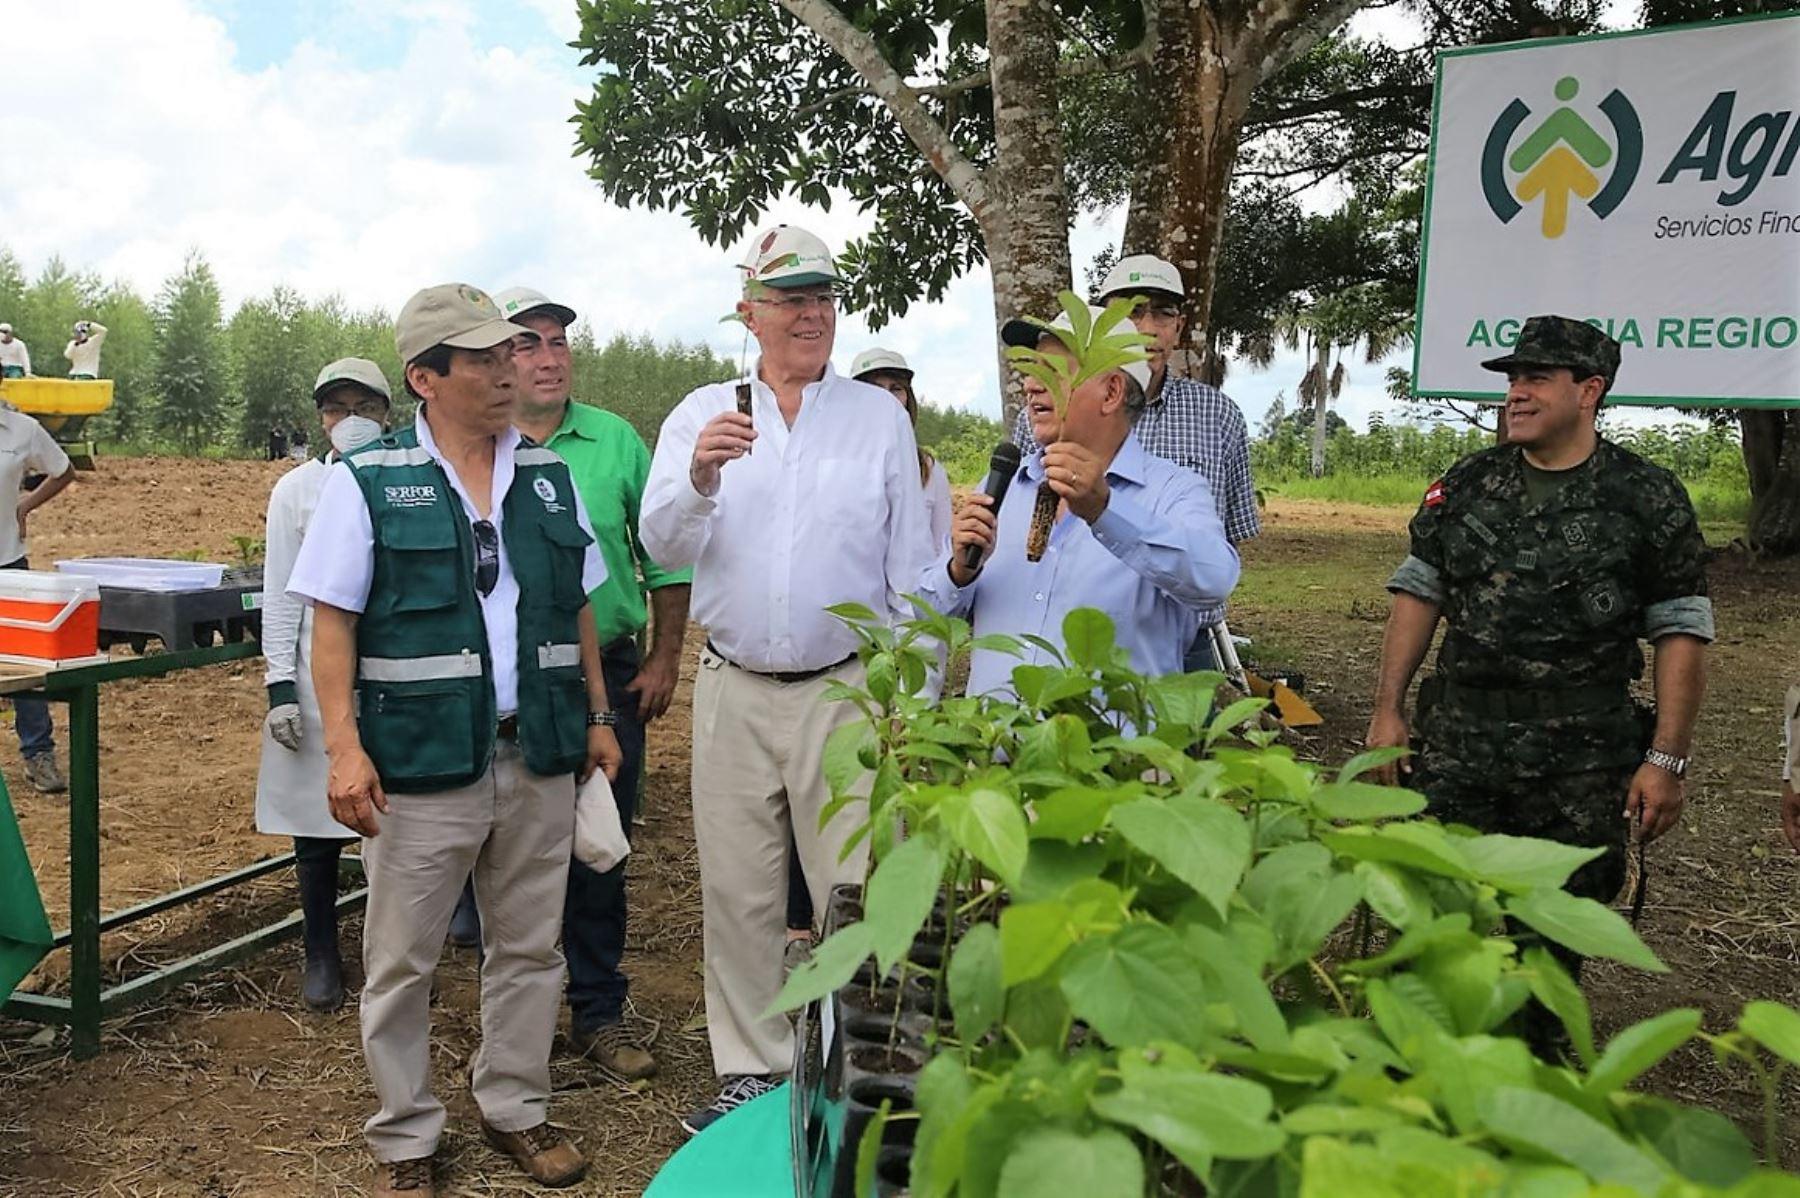 Presidente visitó el km. 40 de la carretera Federico Basadre, en Ucayali, para poner en marcha el Programa Nacional de Plantaciones Forestales.